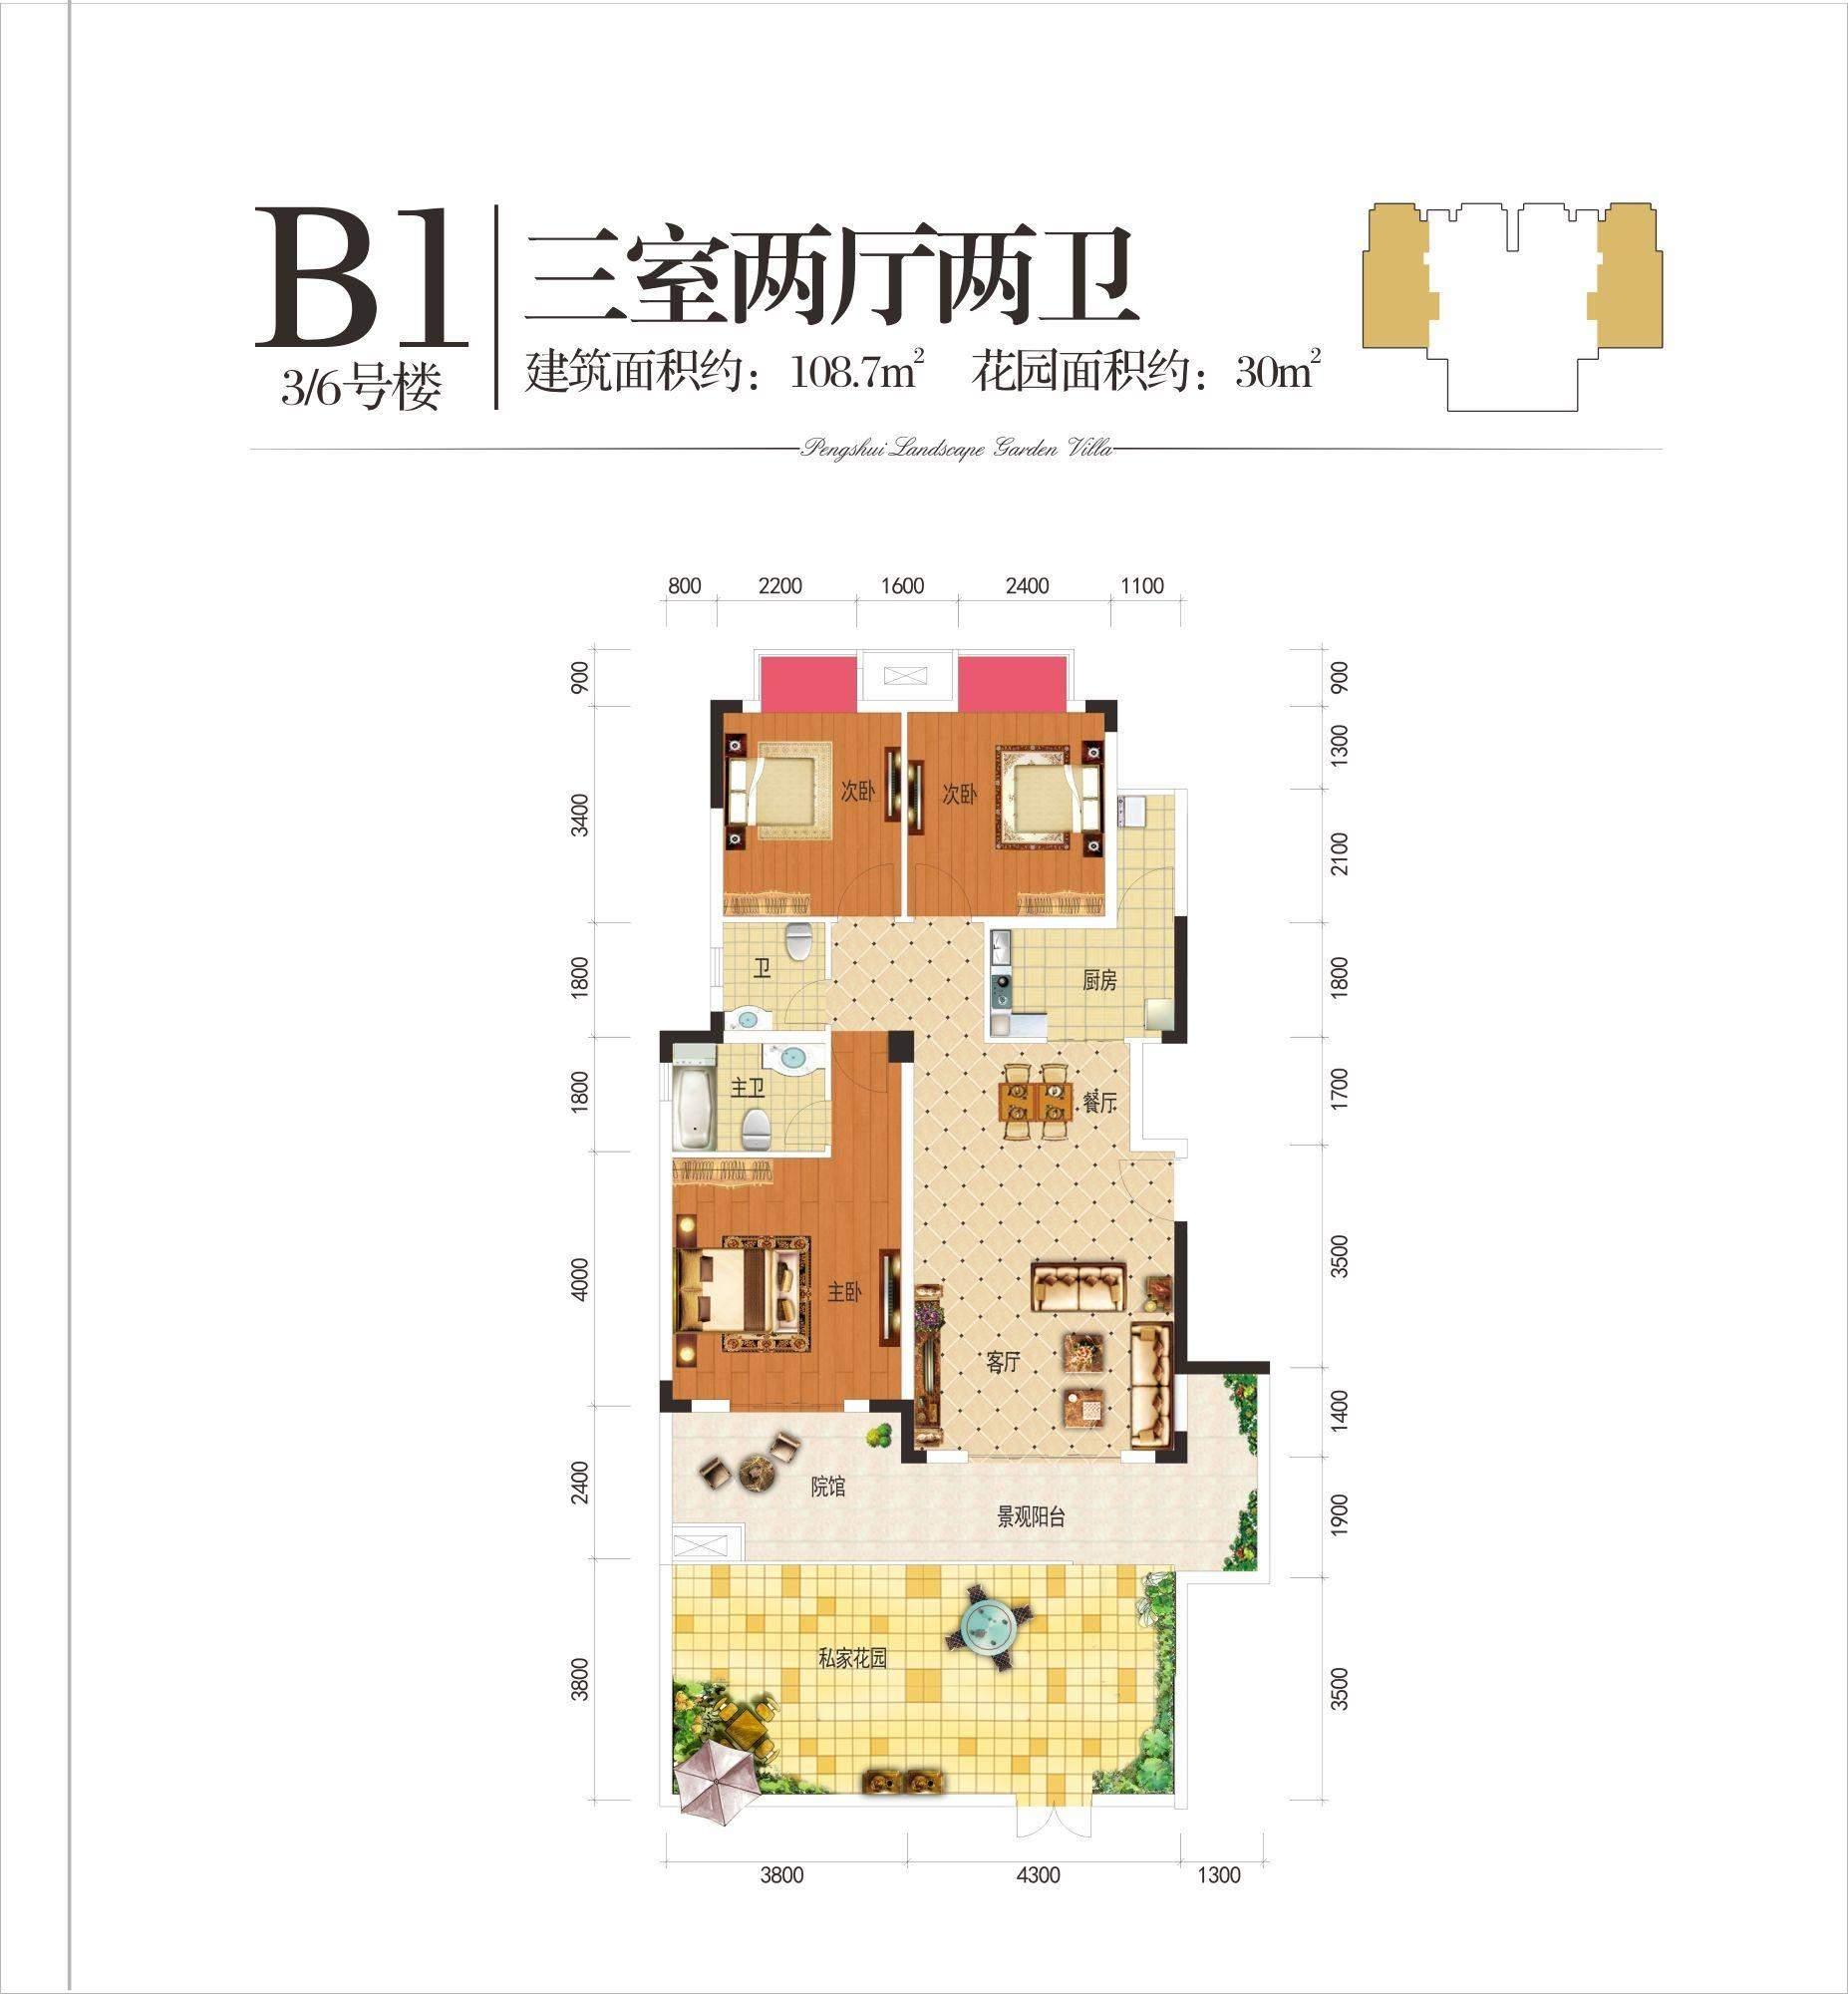 3/6号楼B1户型